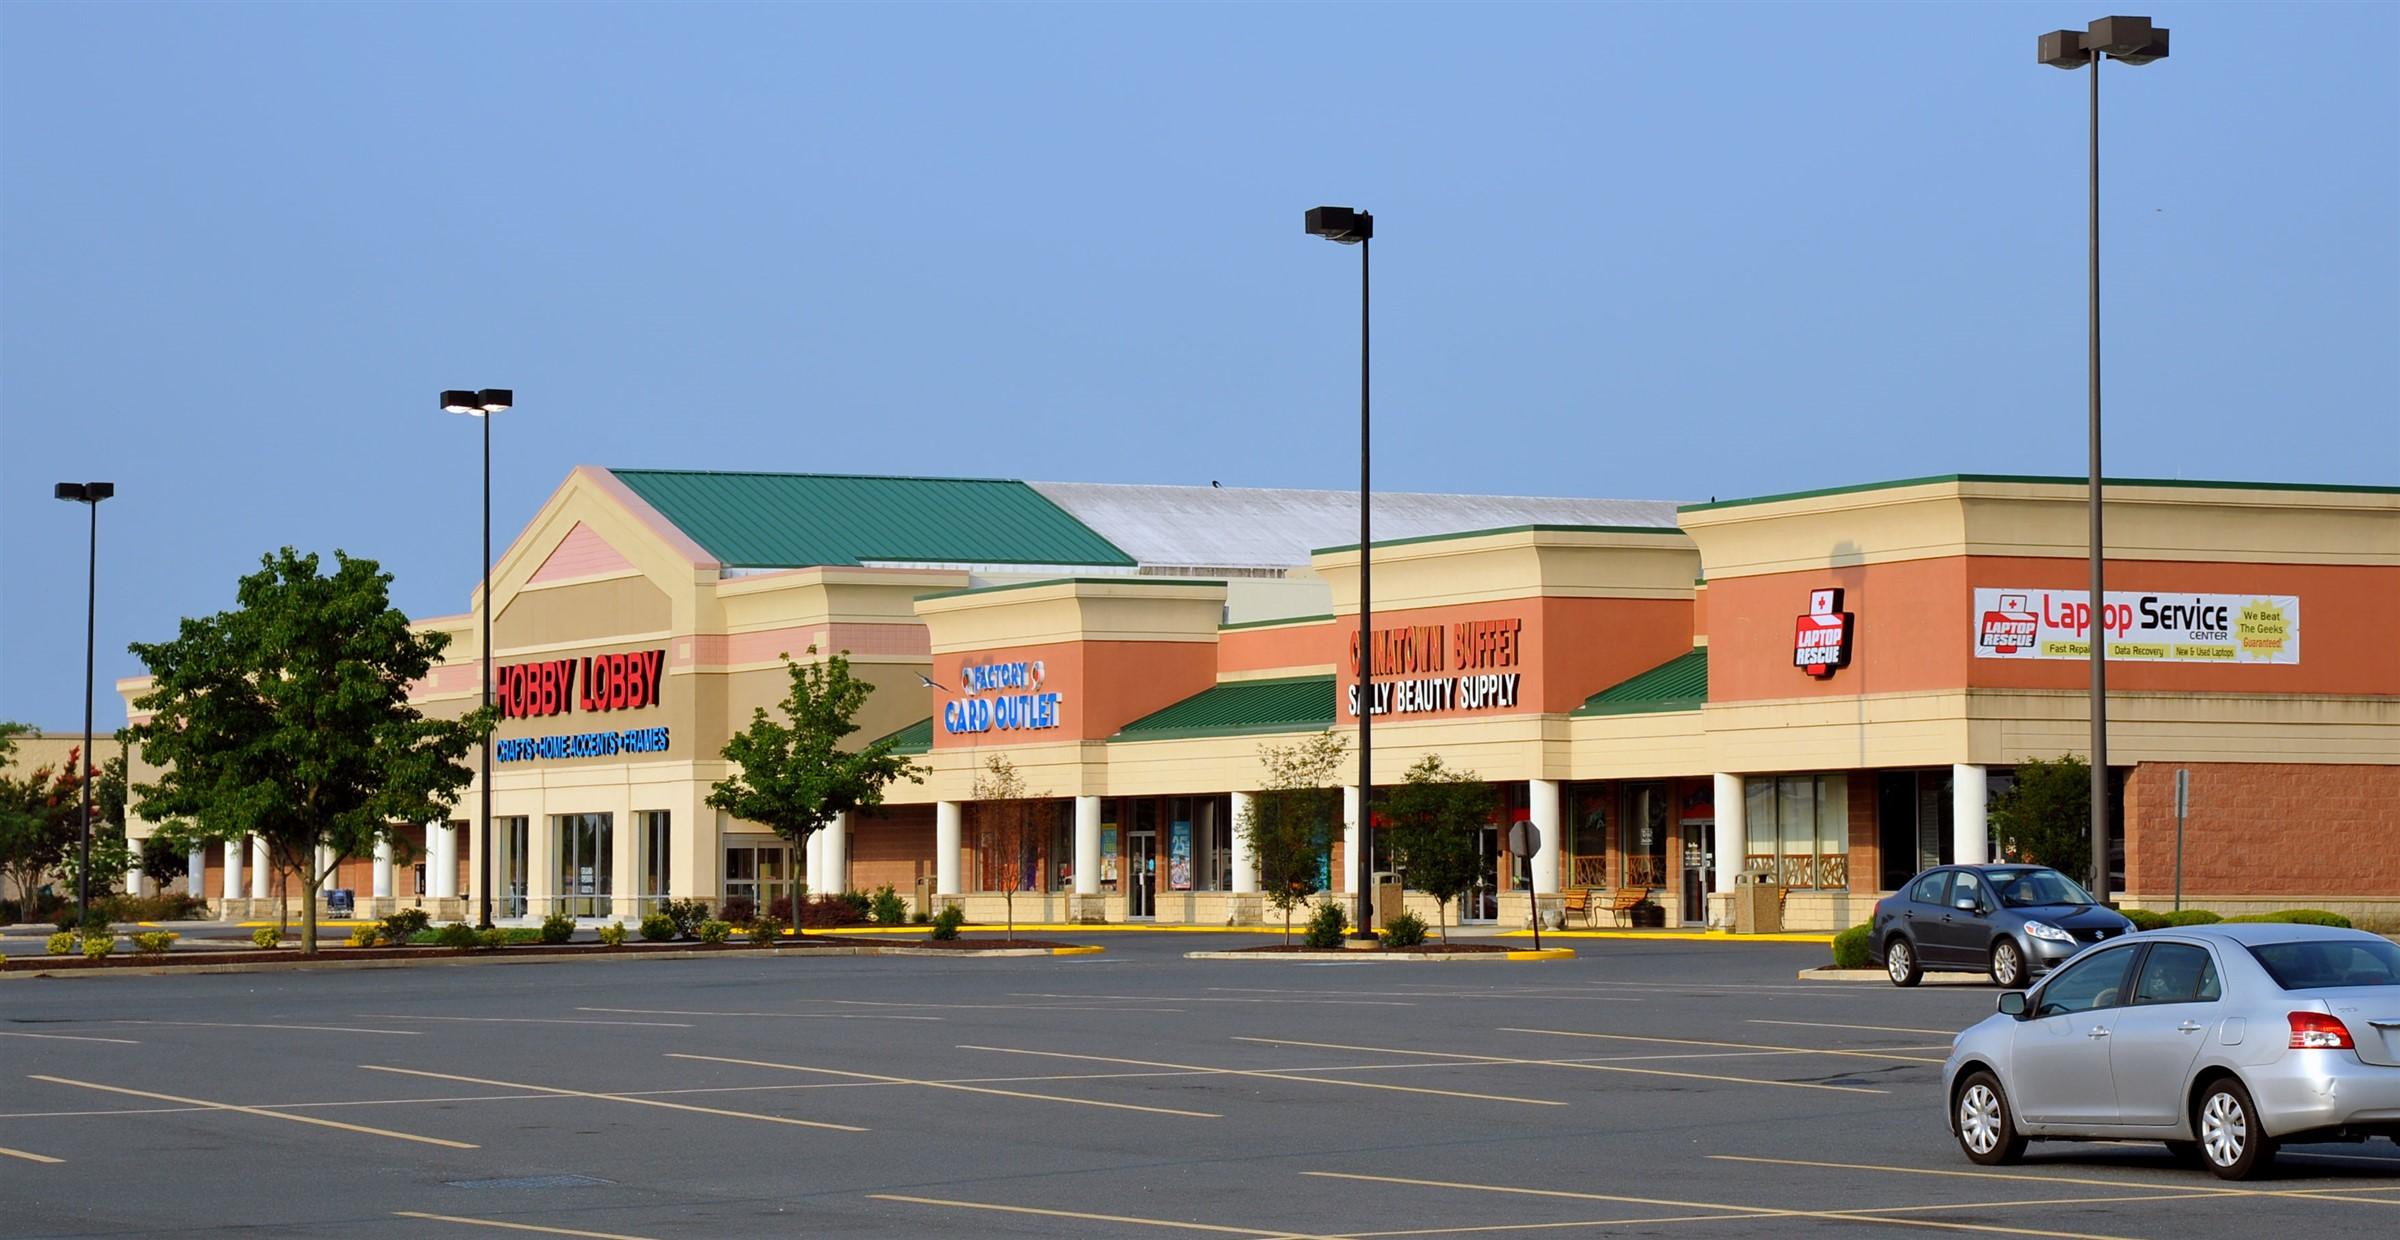 Strip Mall Store Hobby Lobby